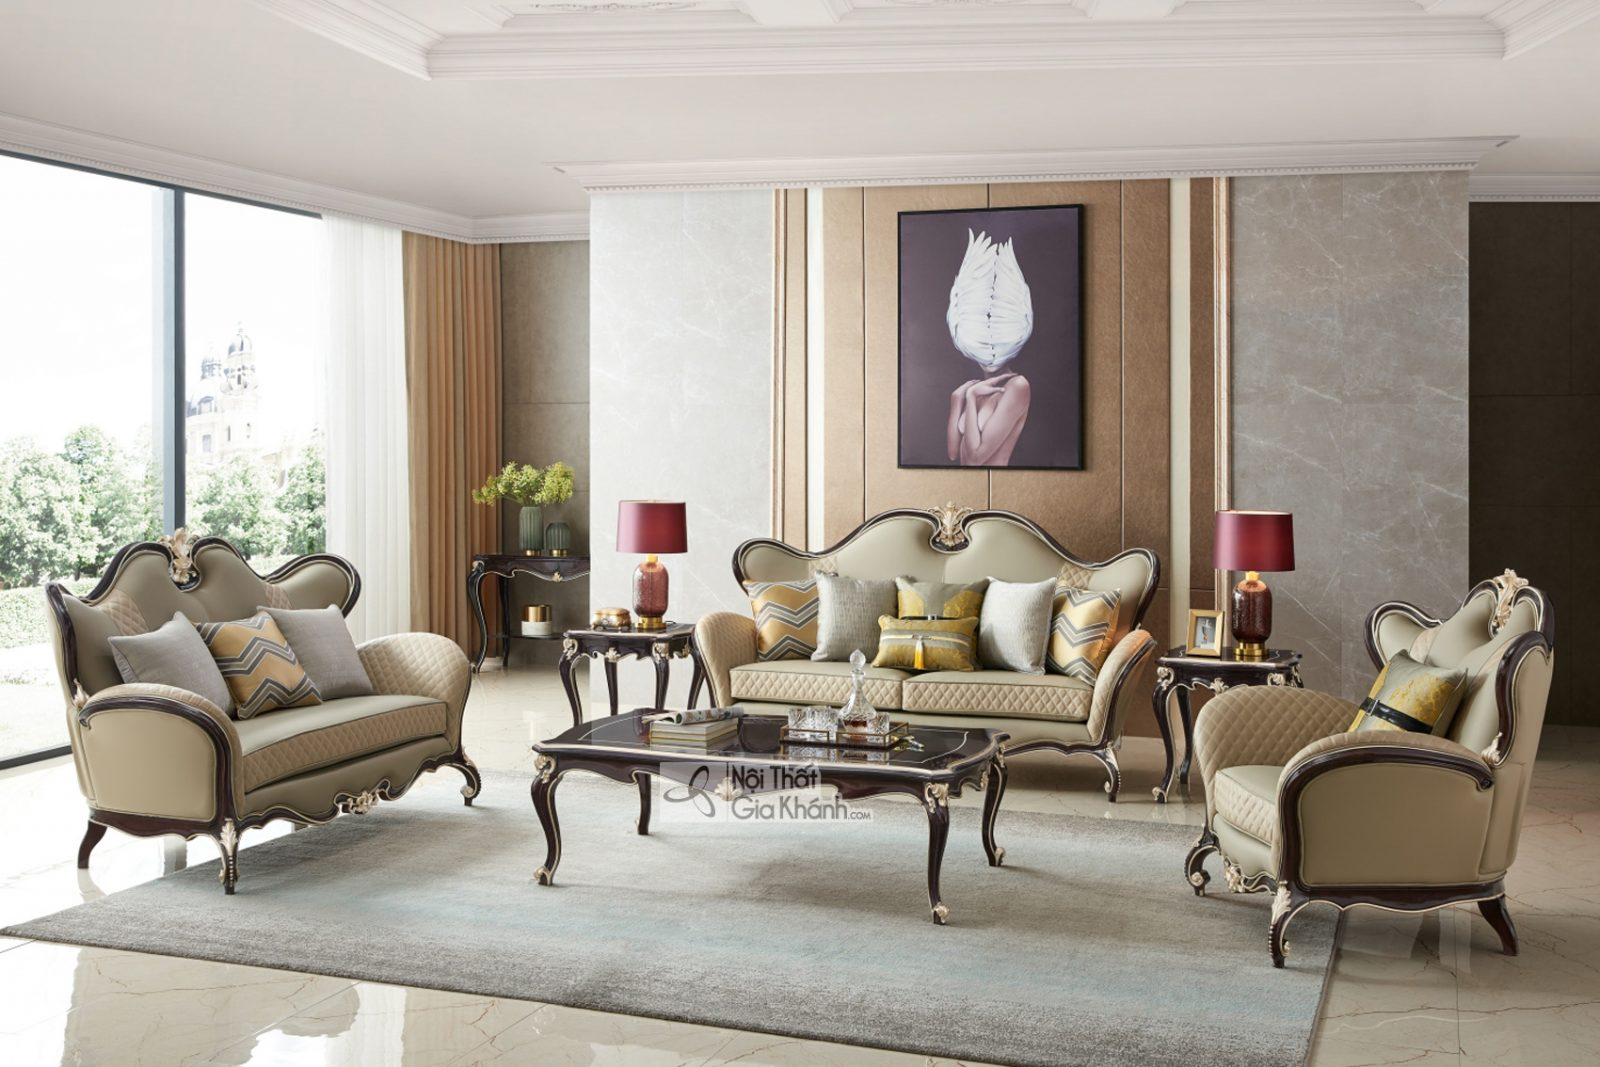 Bộ Sofa Tân Cổ Điển Luxury Sb9802H-1-2-4 Phong Cách Sang Trọng